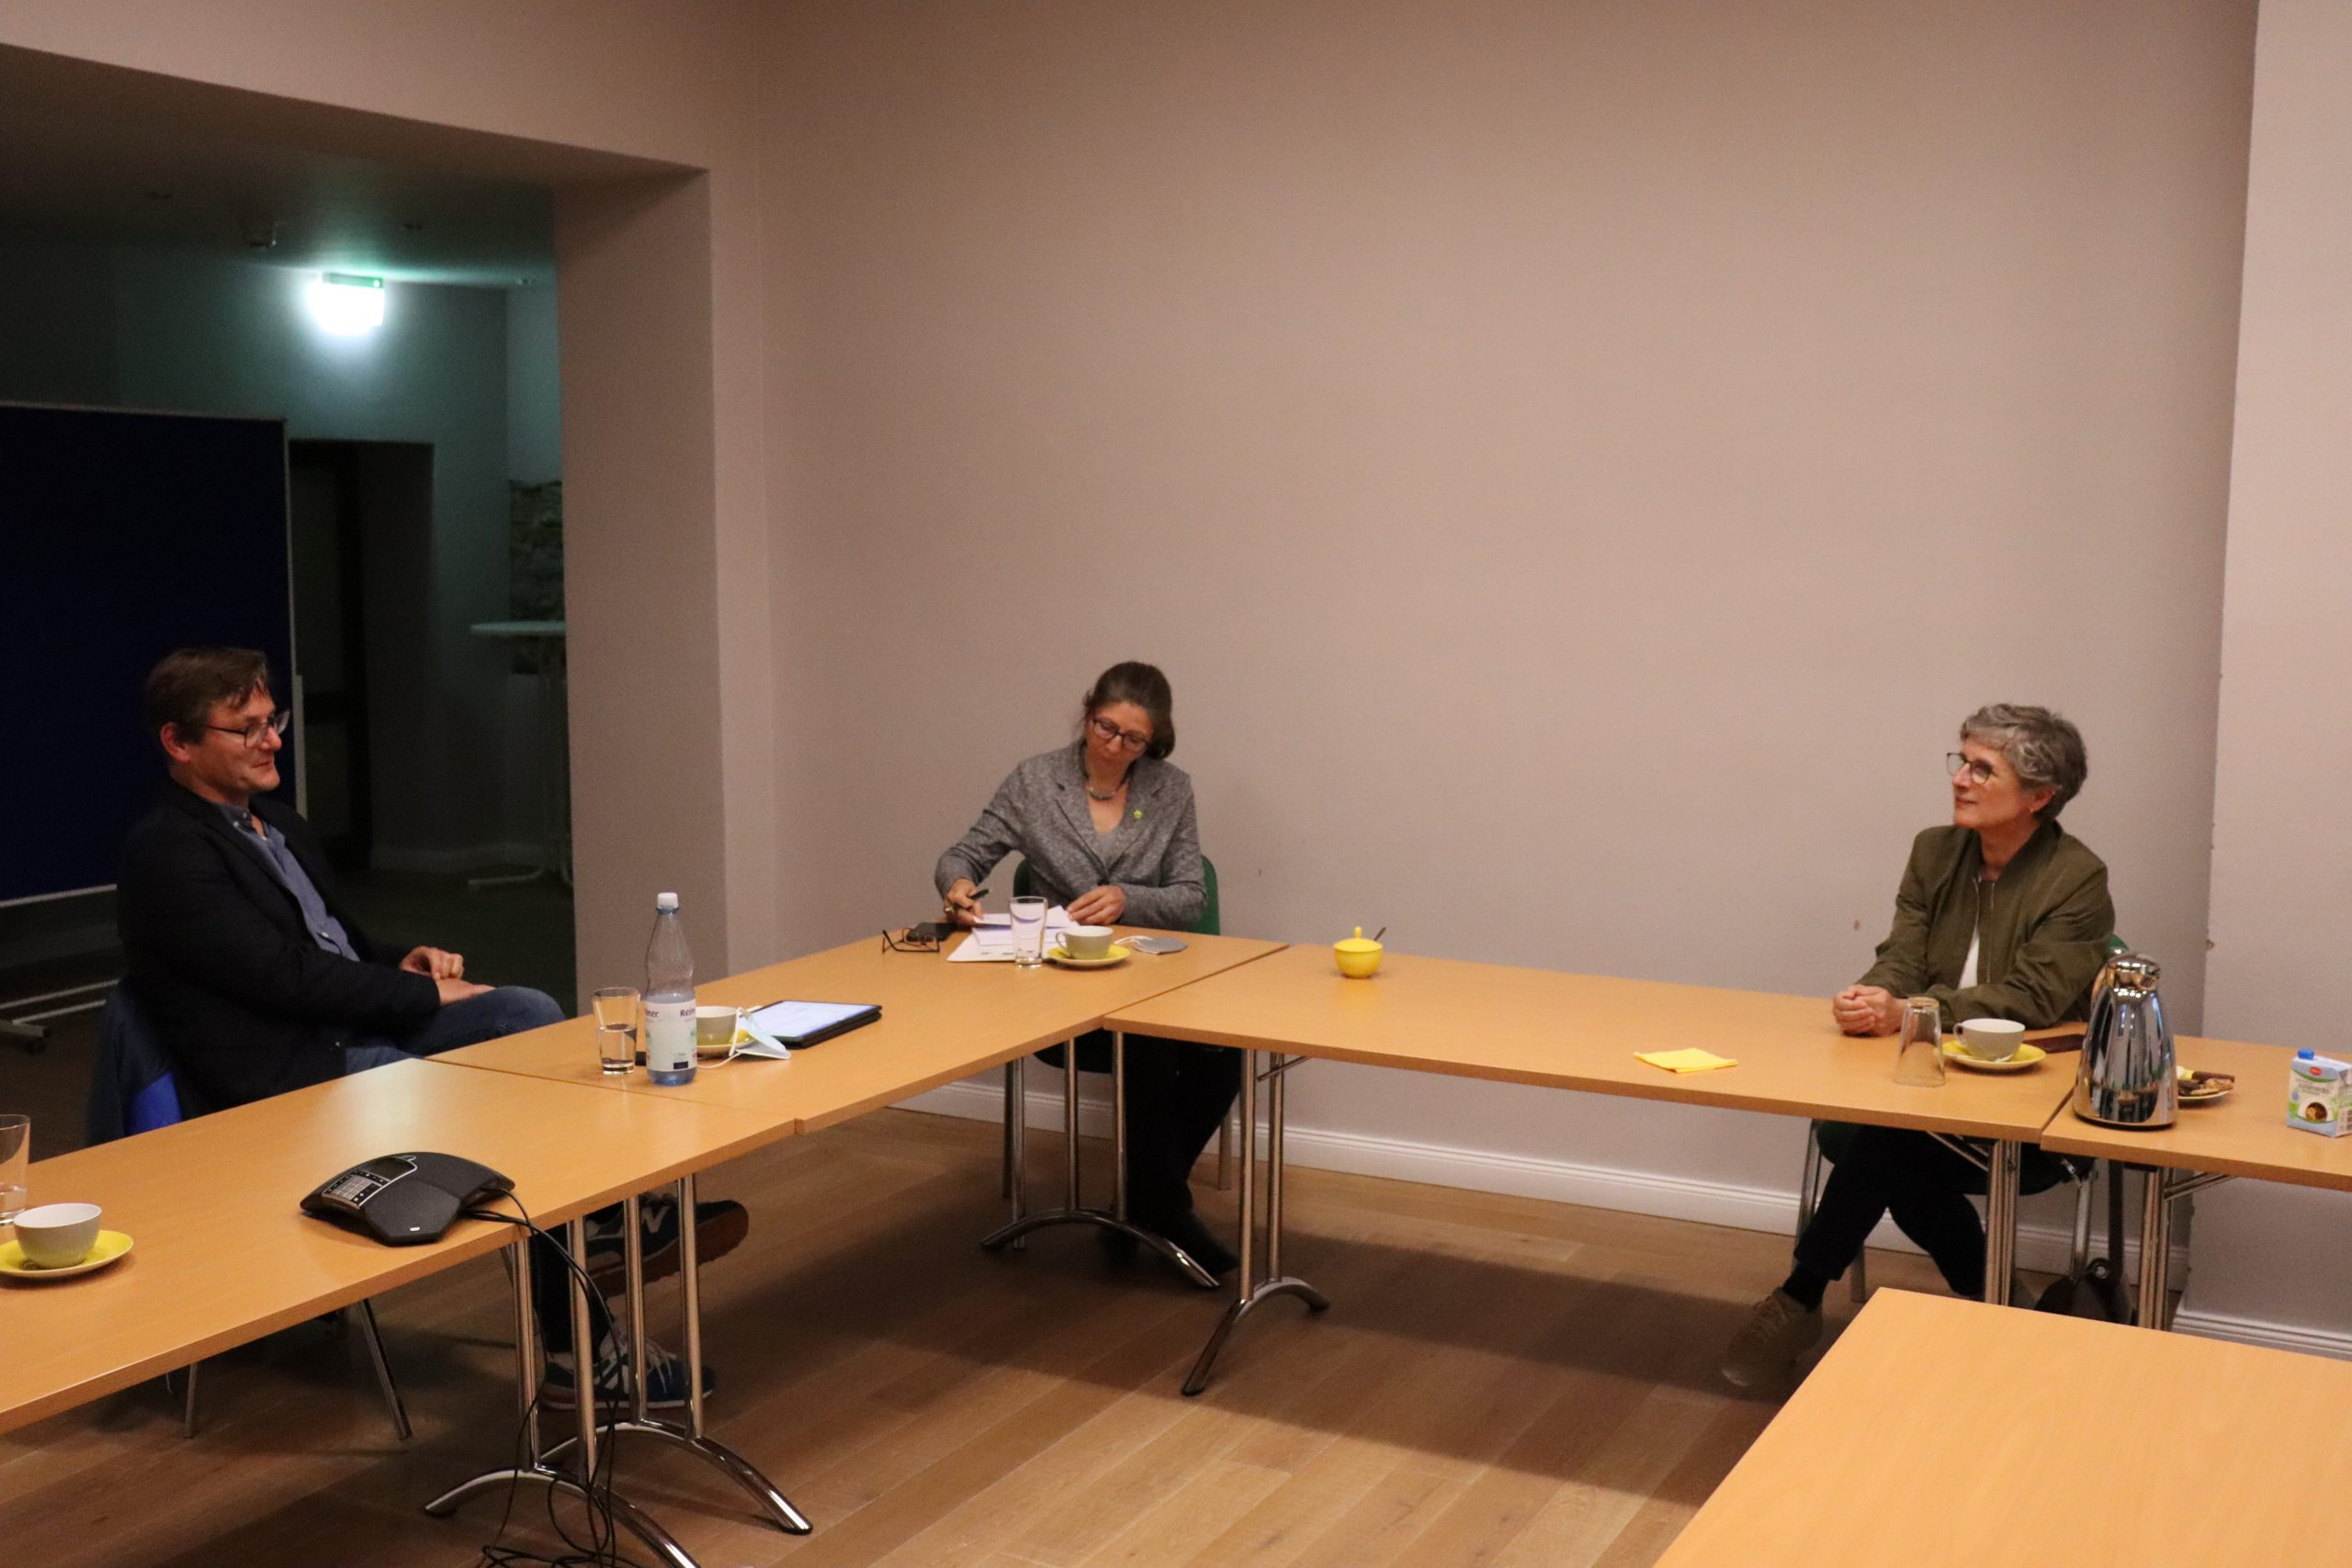 Maria besucht mit Britta Haßelmann die Jugendhilfe Olsberg